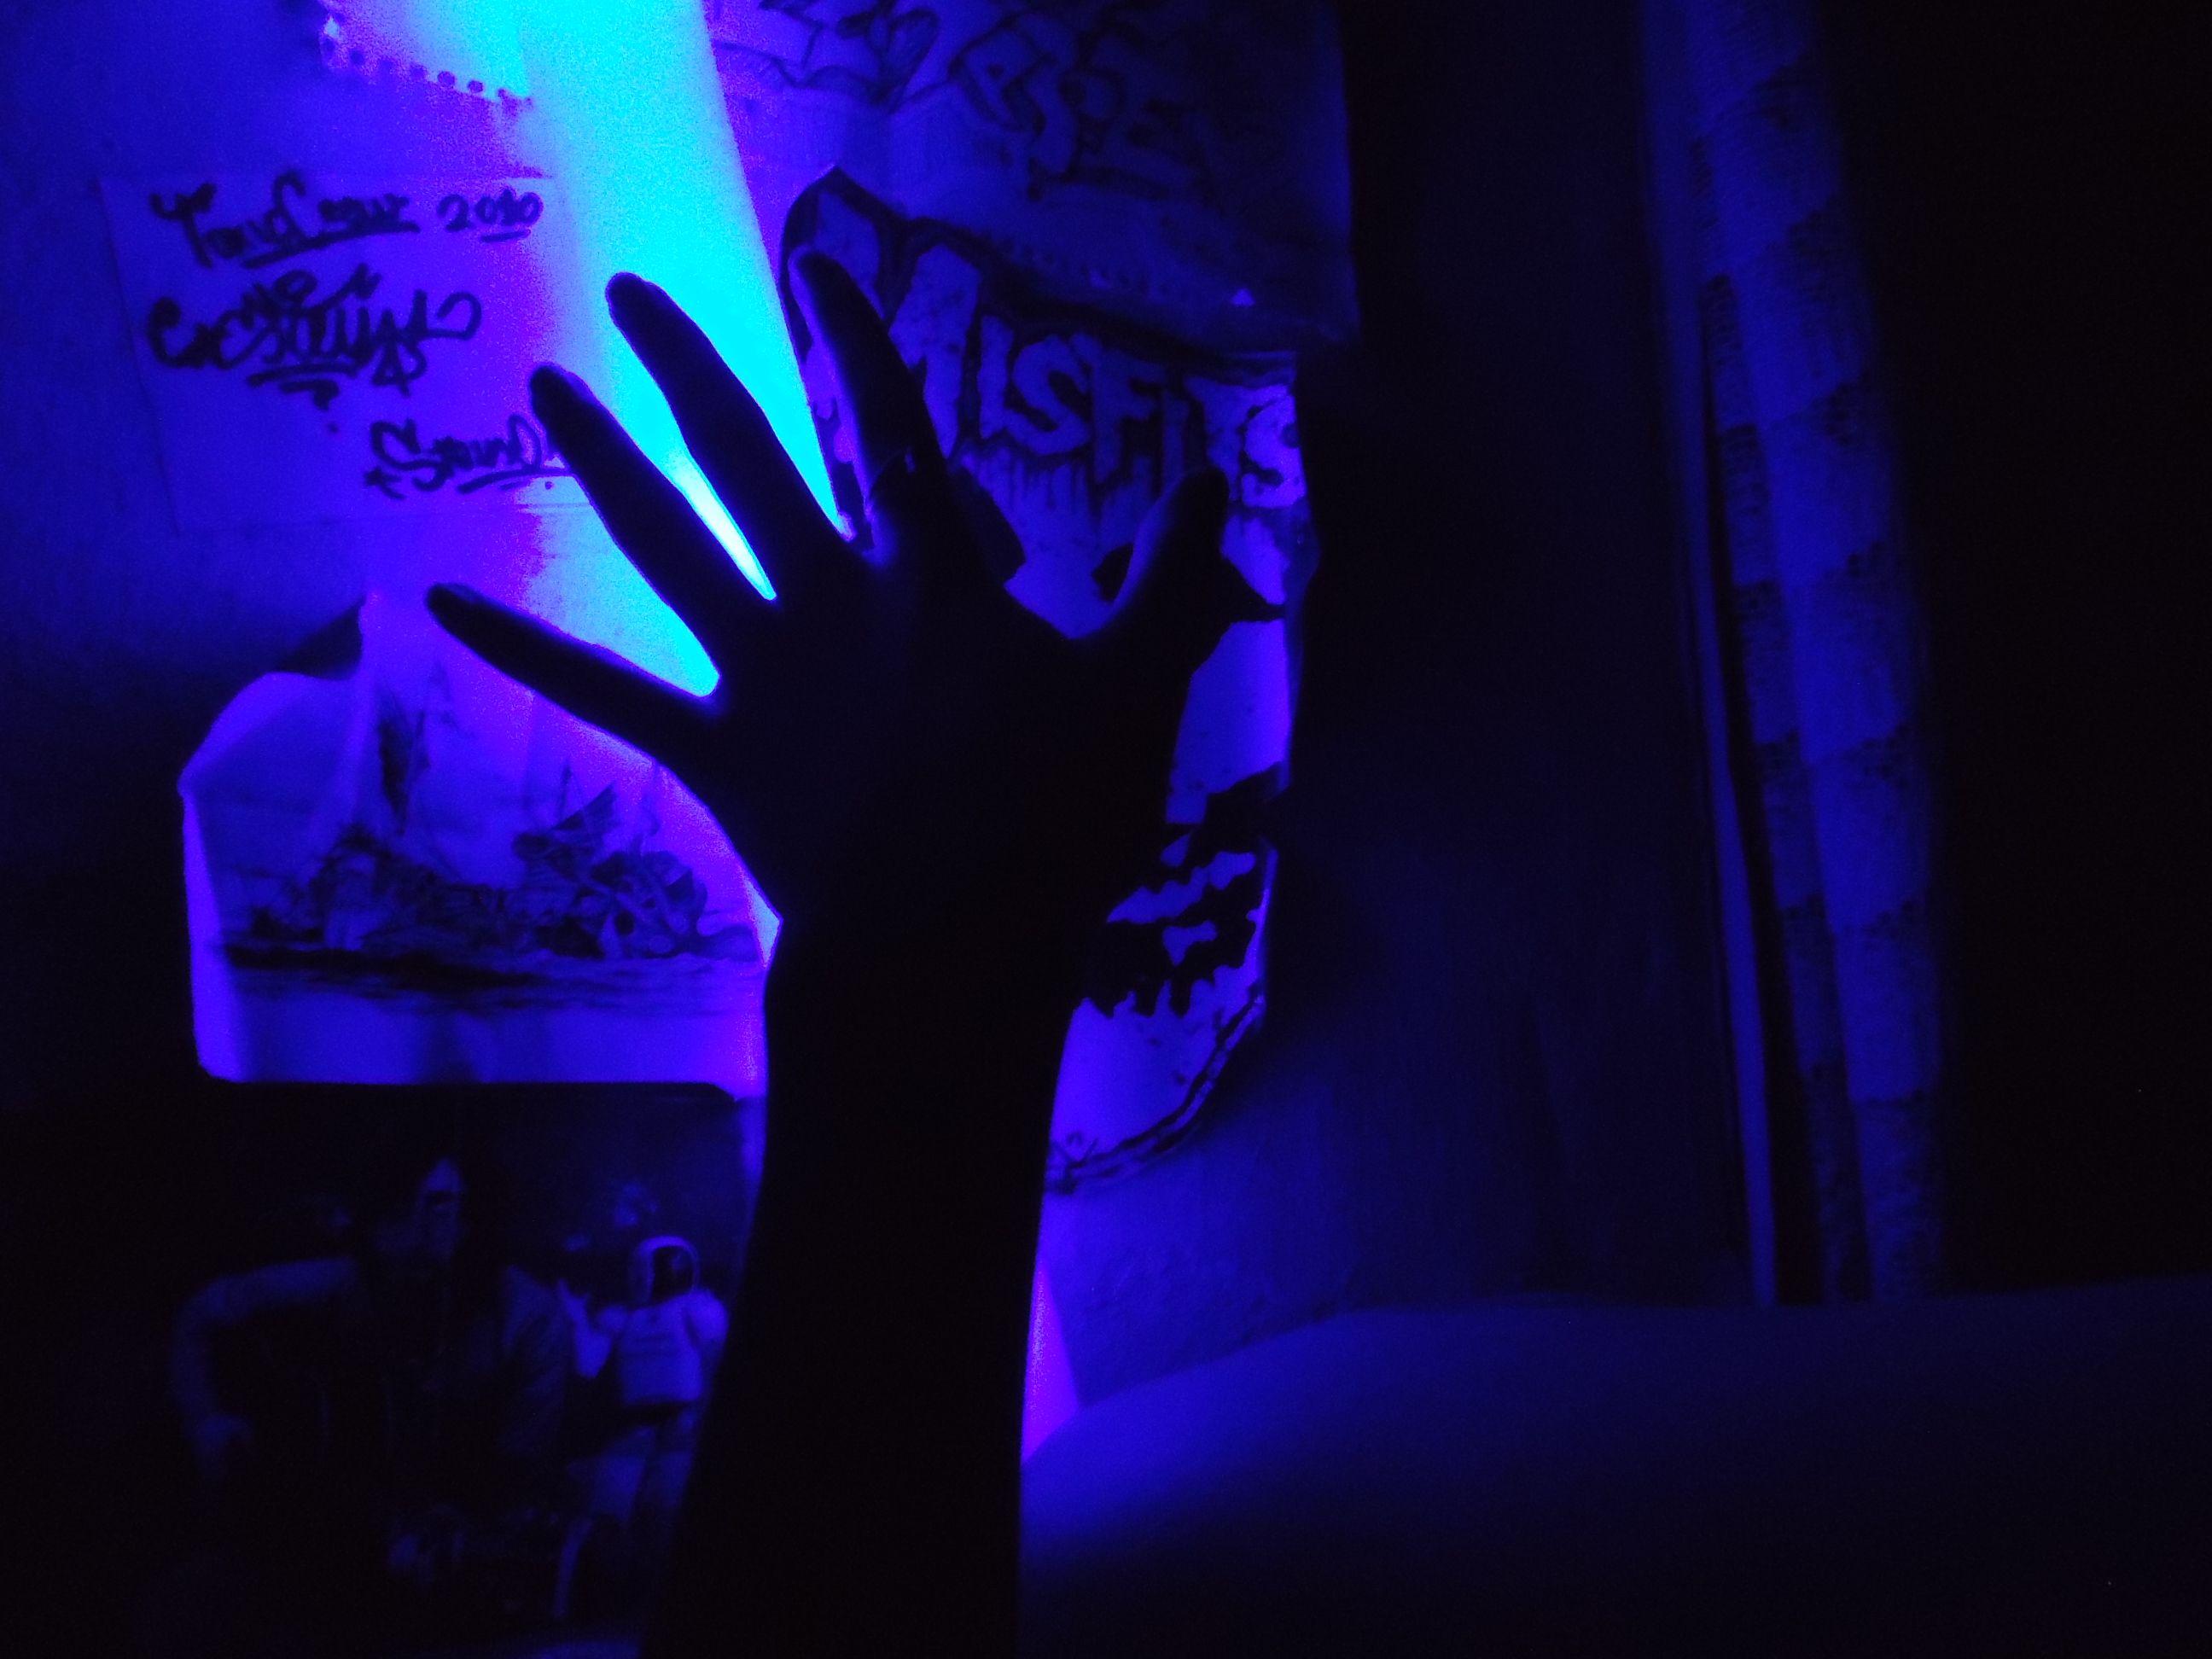 Mi cuarto, luz azul y mi mano x)